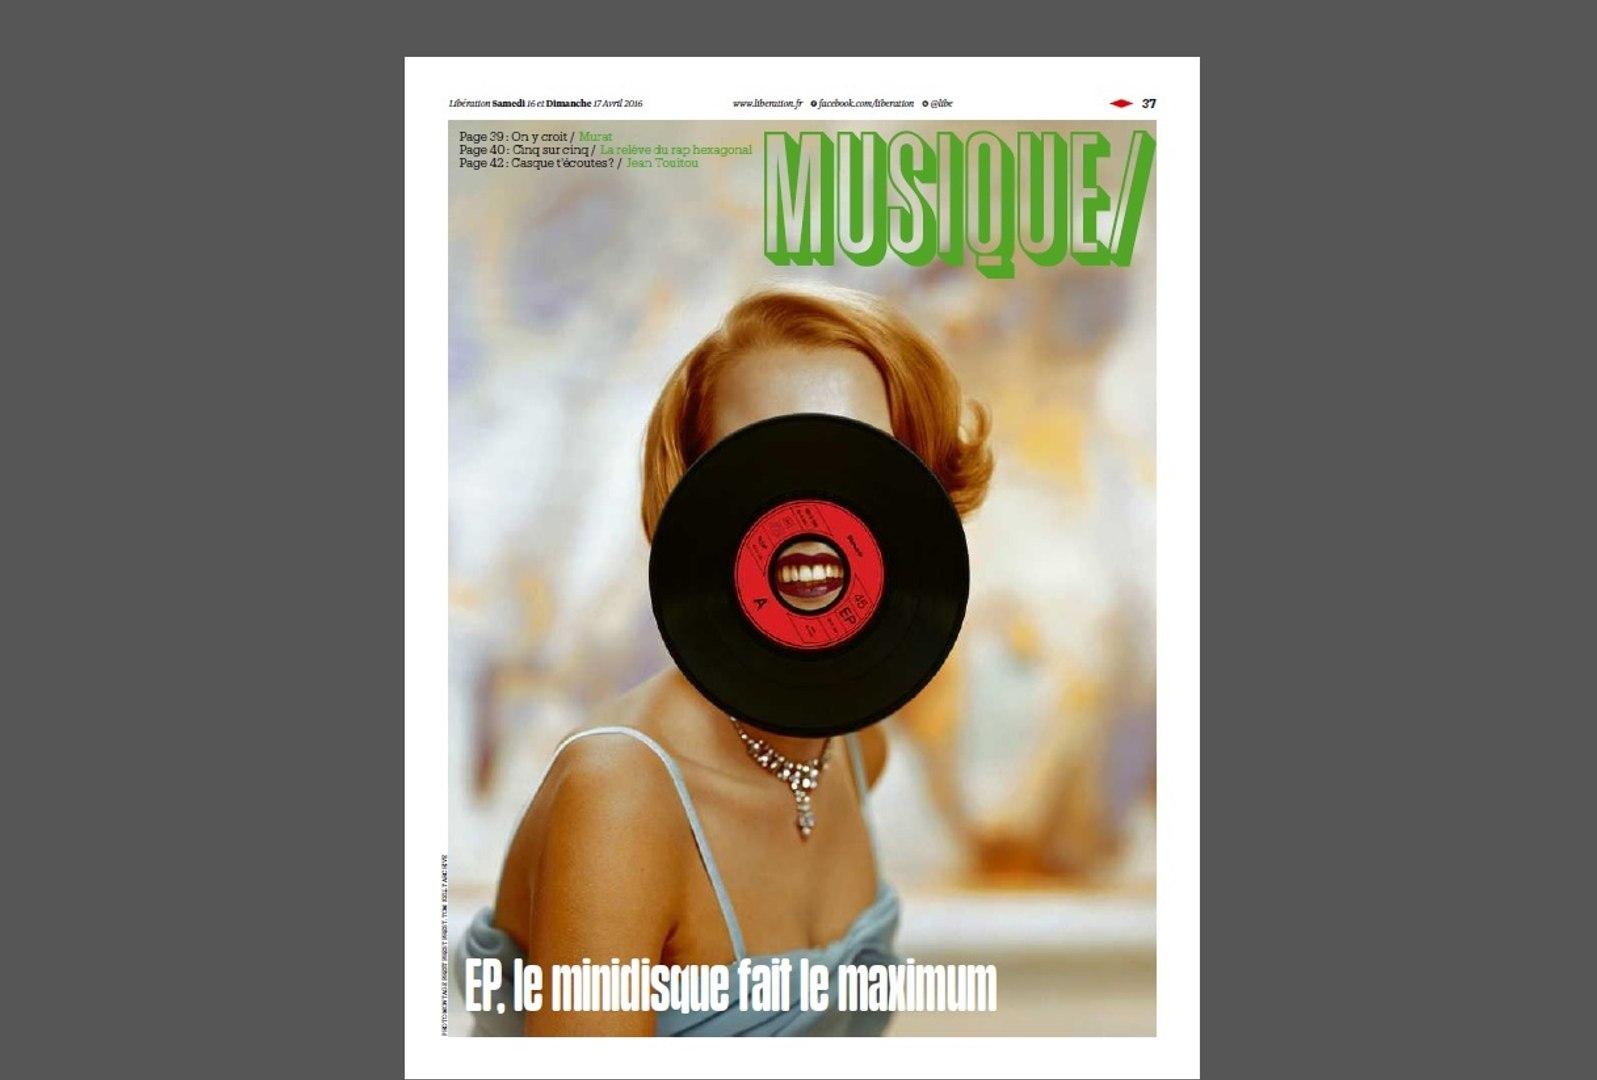 Superpitcher, Adam Green, Tiers Monde, Christophe... : la playlist du cahier musique de Libé du 16 a